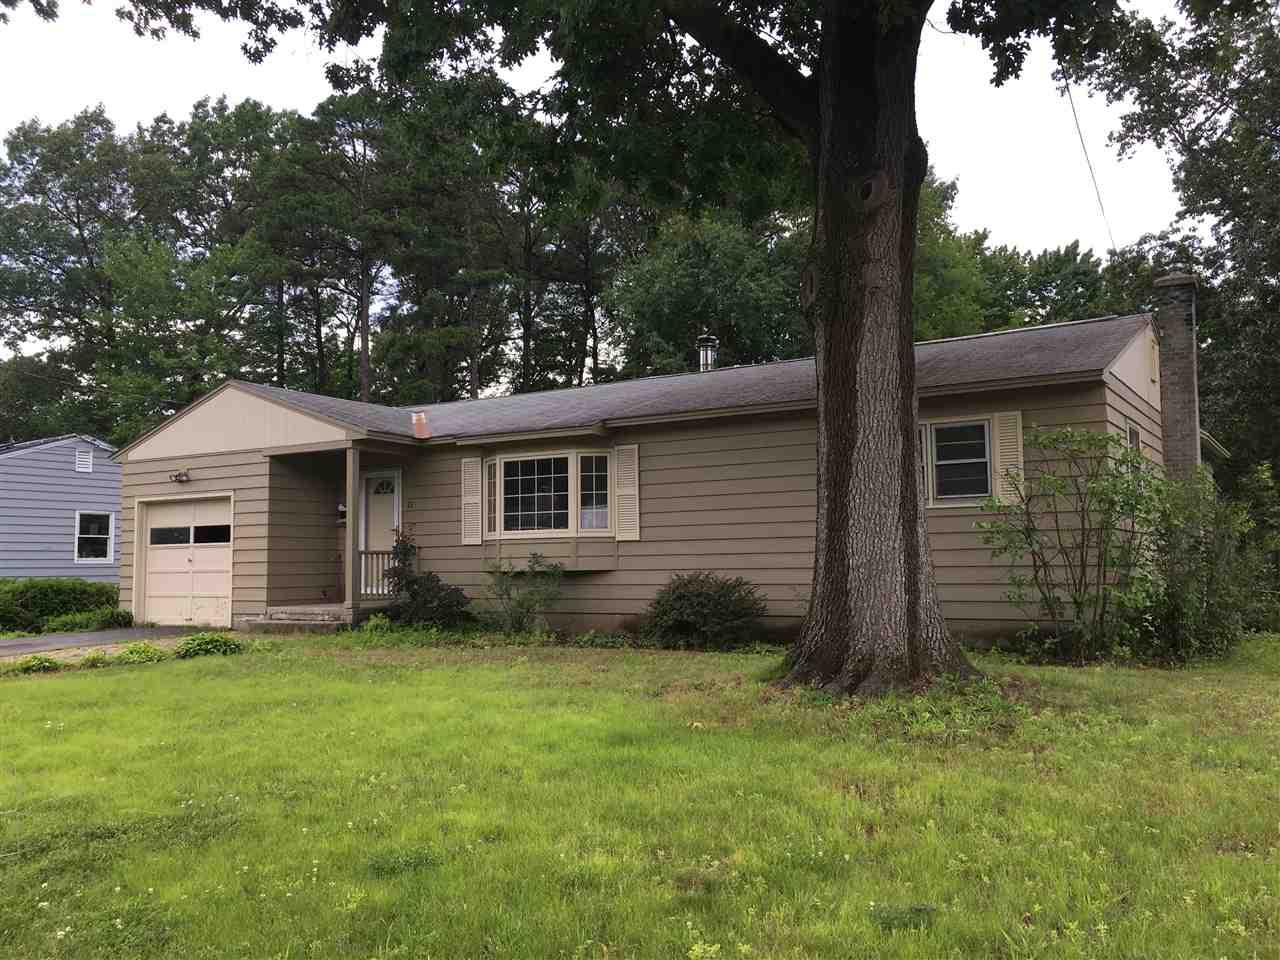 13 Richard Terrace, South Burlington, VT 05403